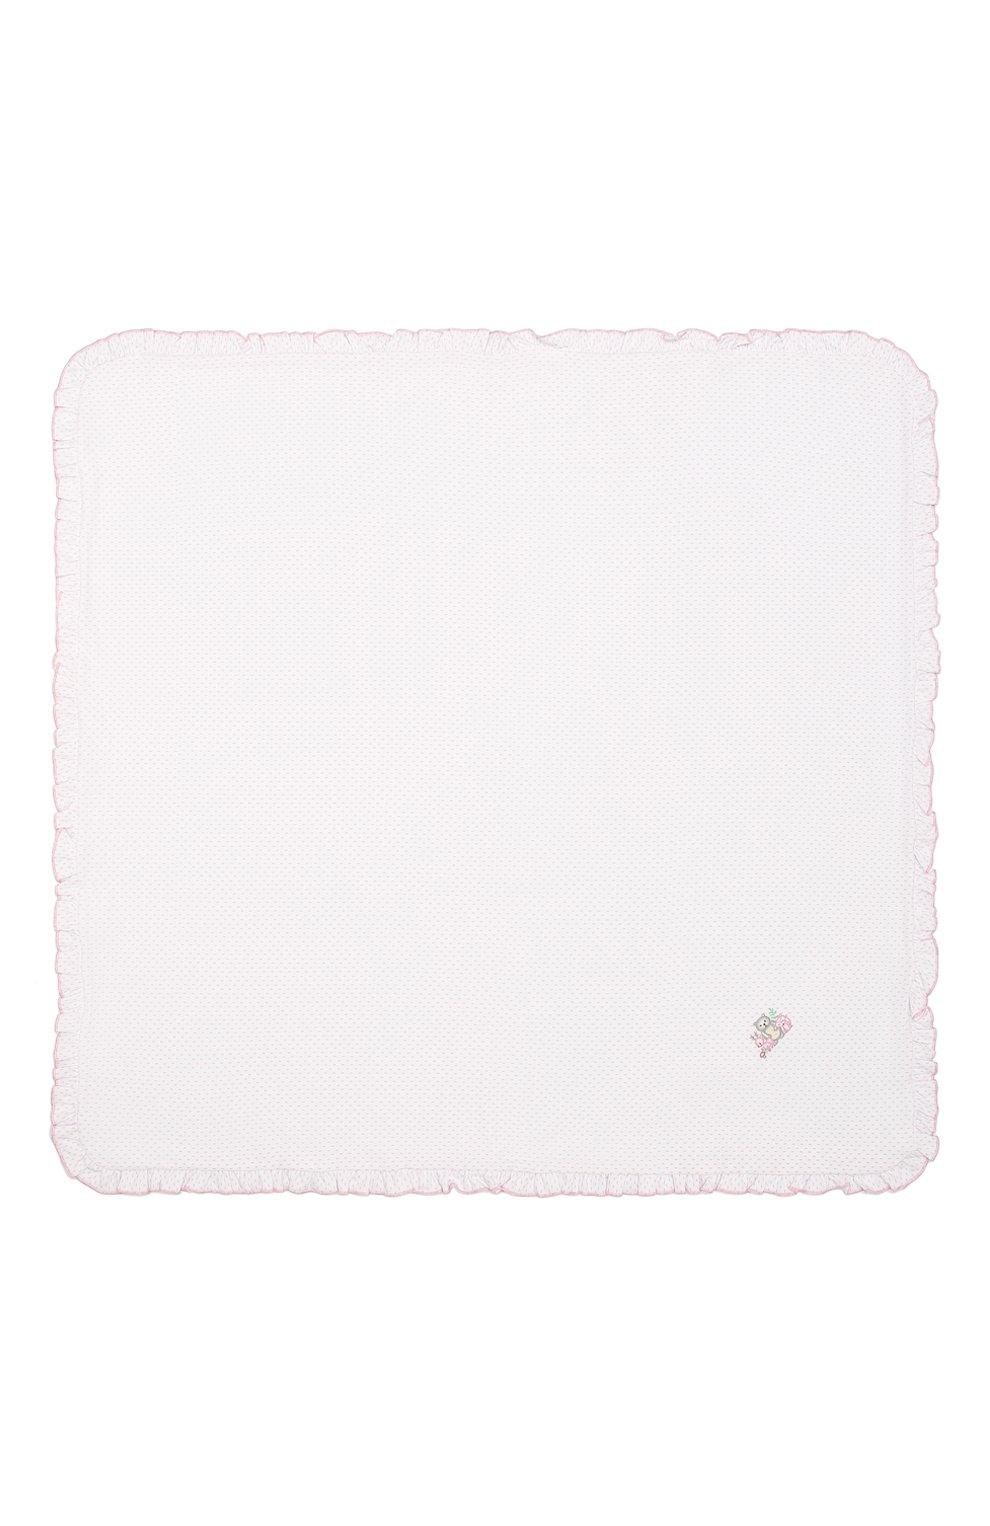 Детского хлопковая пеленка MAGNOLIA BABY розового цвета, арт. 562-62-PK   Фото 3 (Материал: Текстиль, Хлопок)